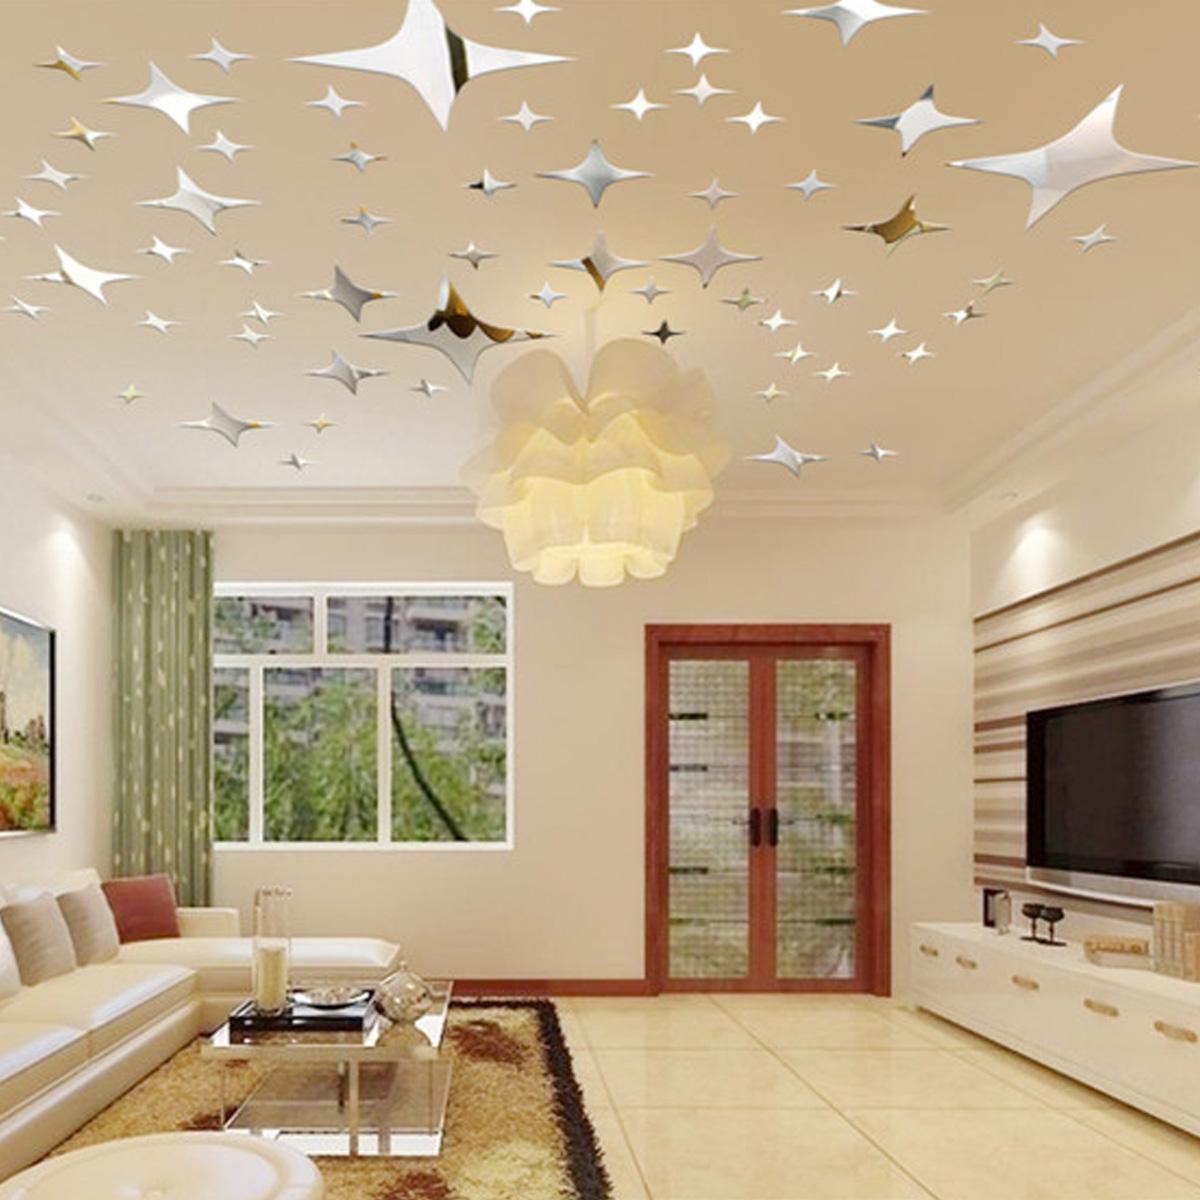 3d zrkadlov hviezdi ky na stenu strop 43 kusov - Tavole adesive per pareti 3d ...